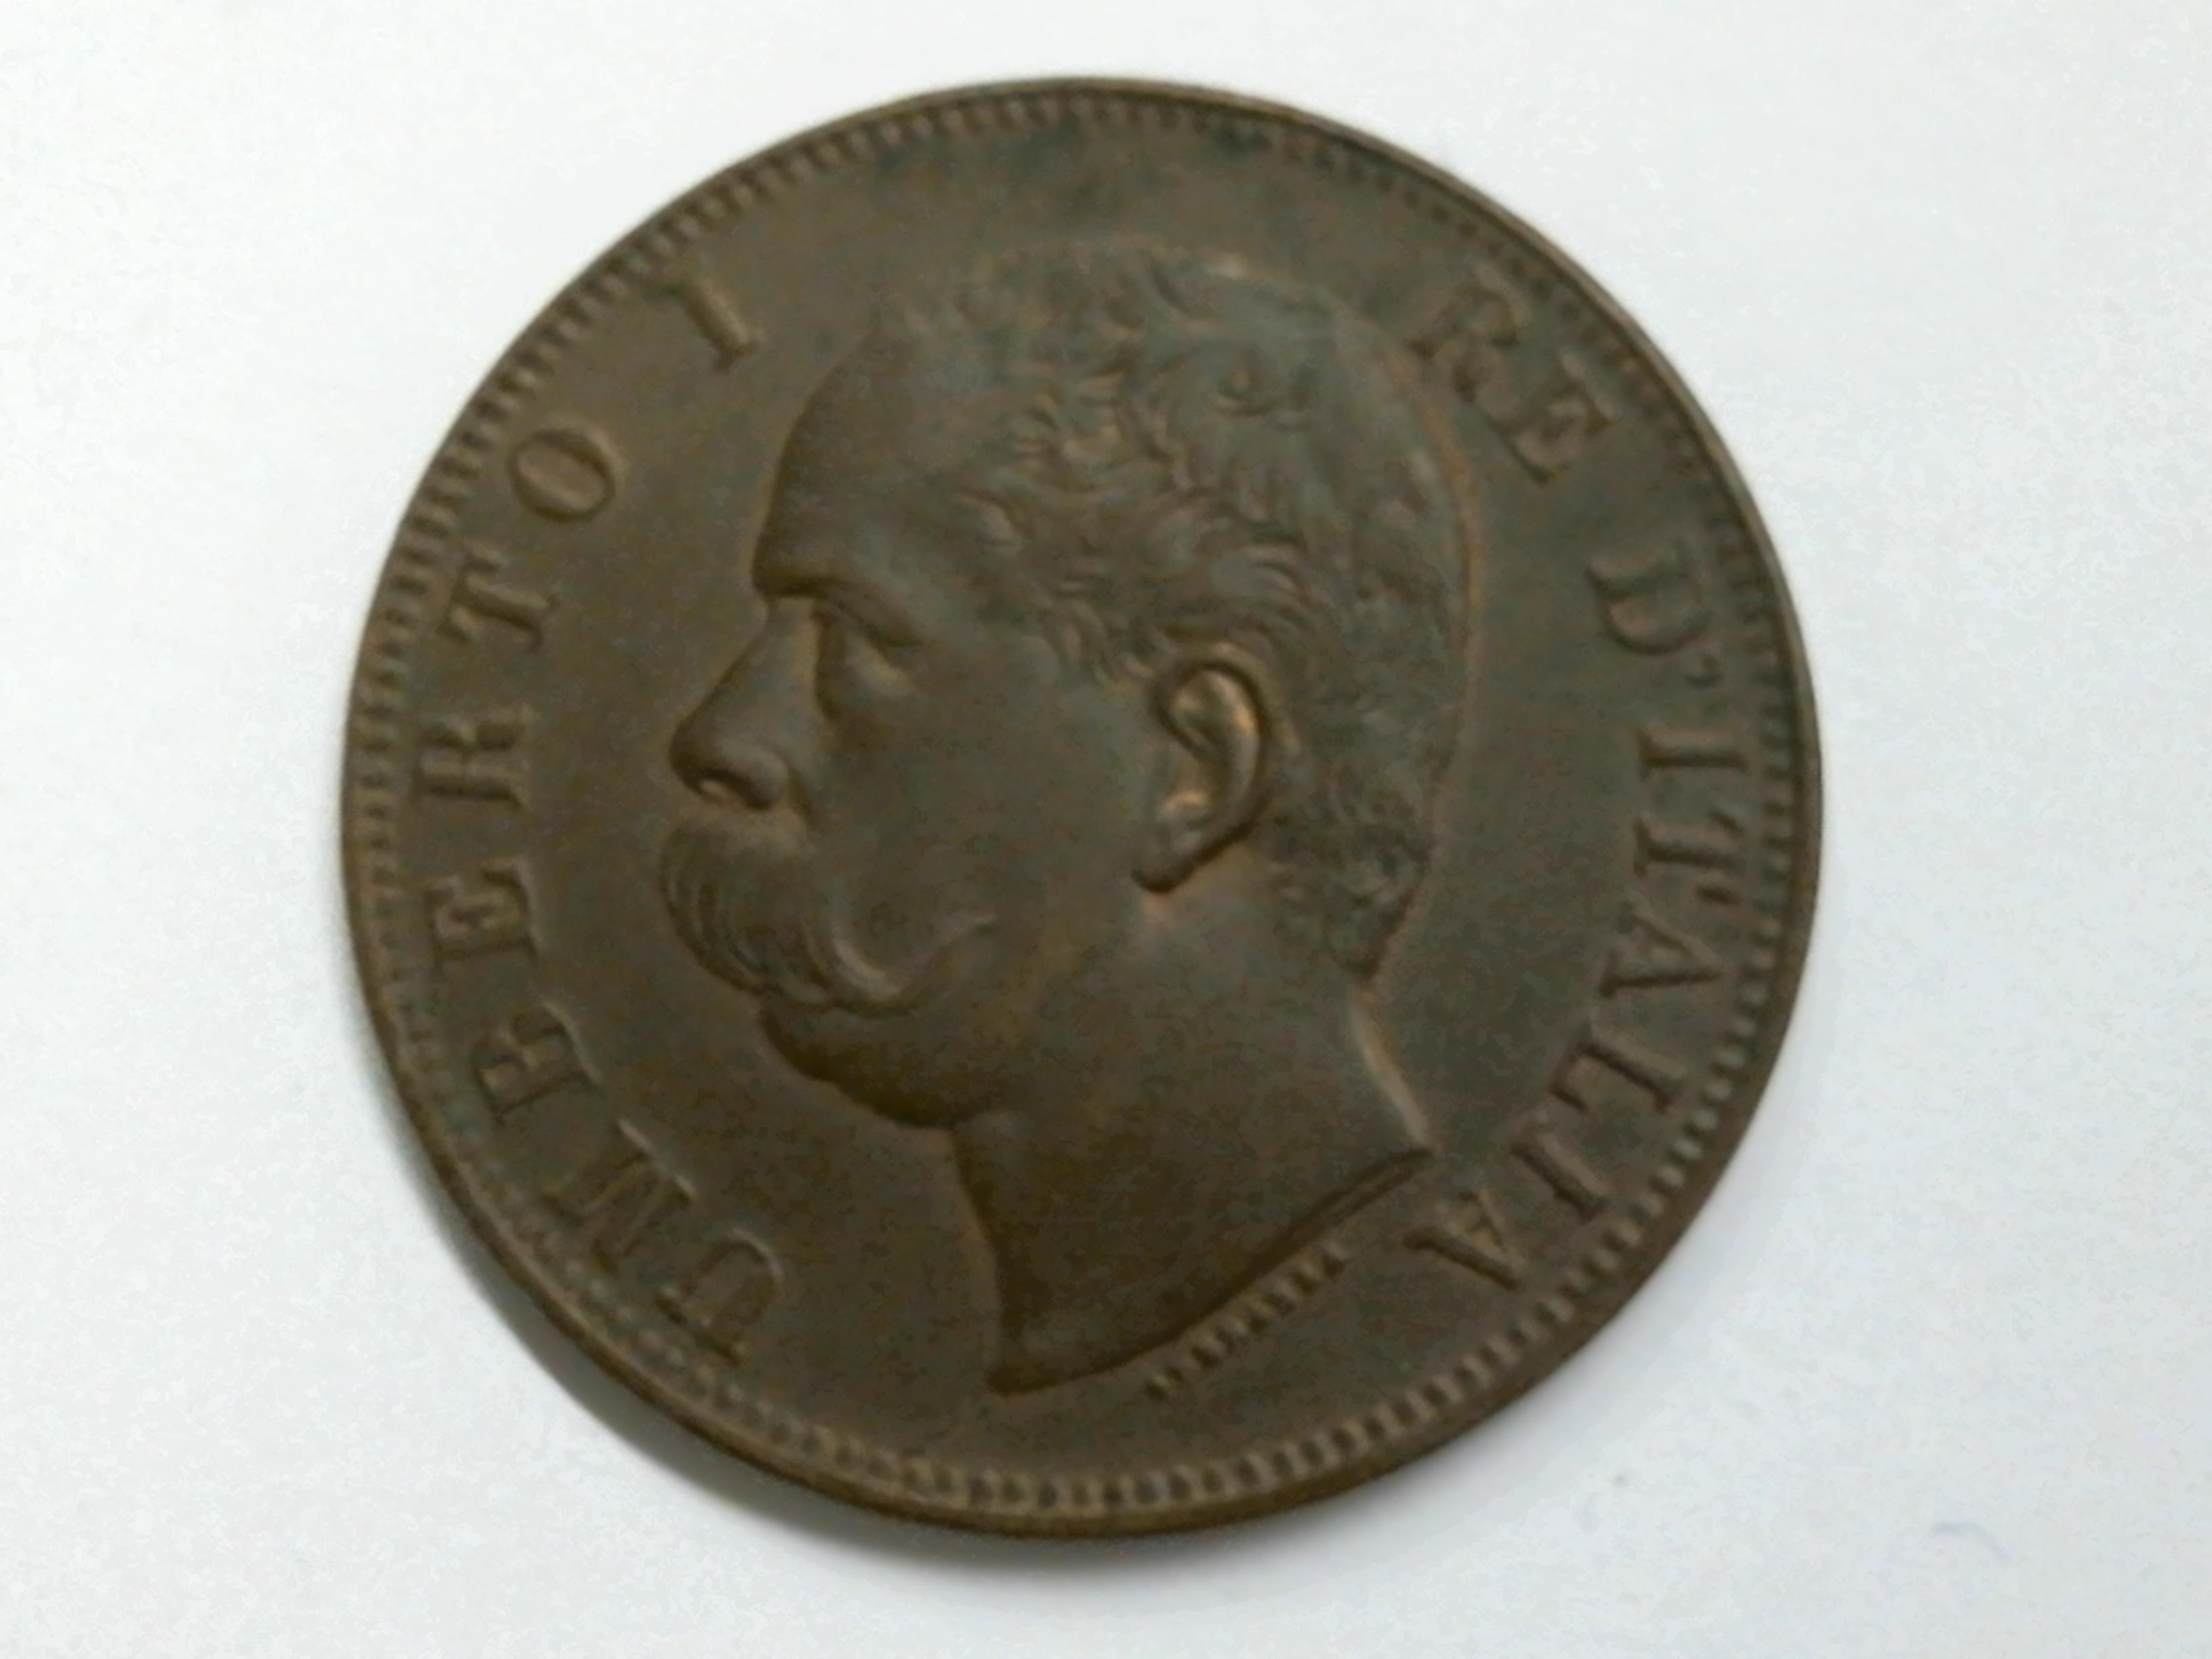 5ce2f6f389 10 Centesimi 1893 Roma - Numismatica Internazionale